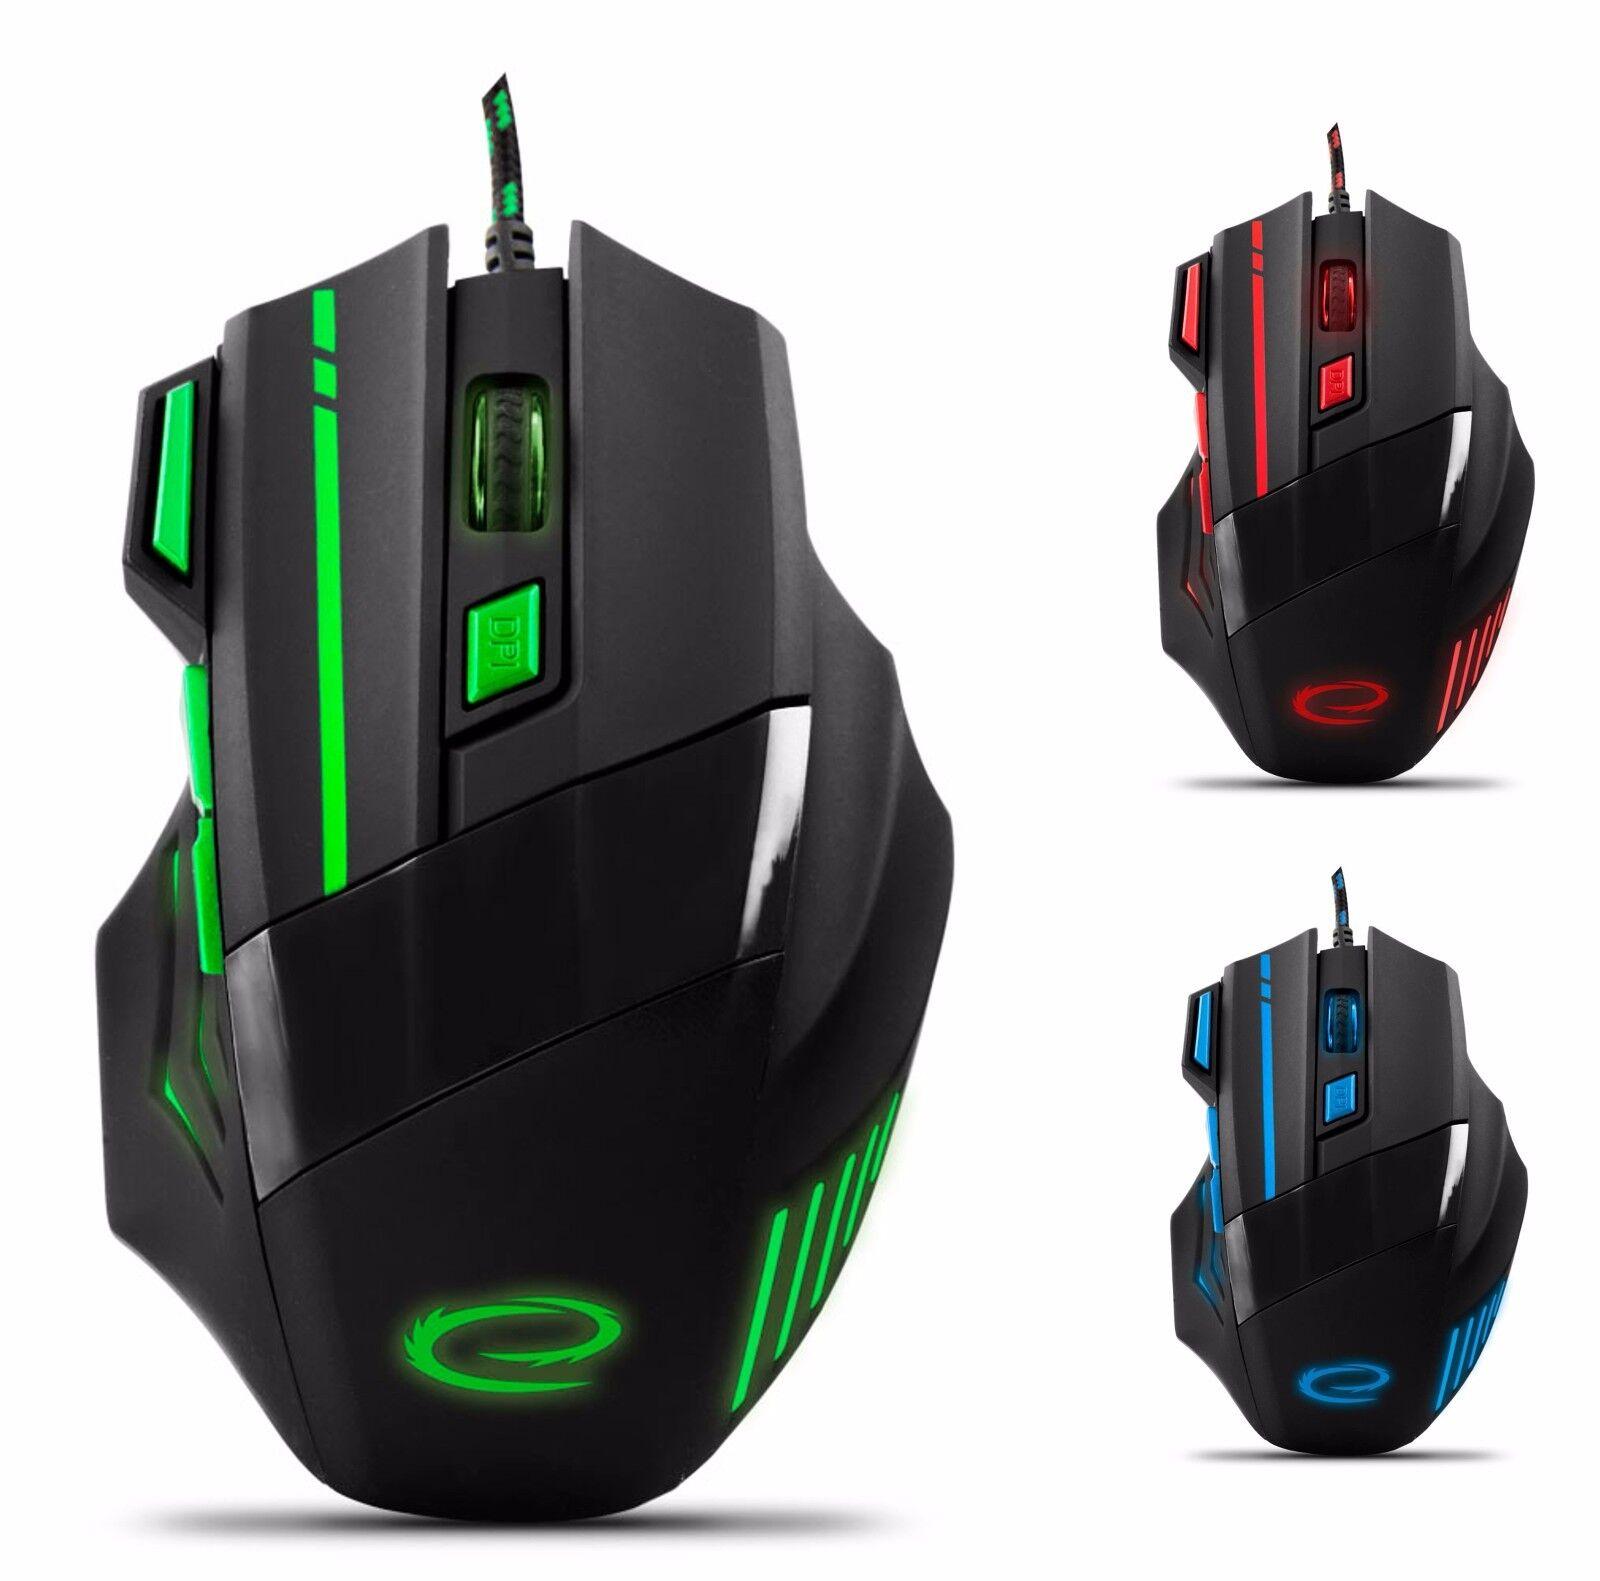 Optische Gaming Maus 7 Tasten PC 2400 DPI USB LED Beleuchtung für Spieler MX201